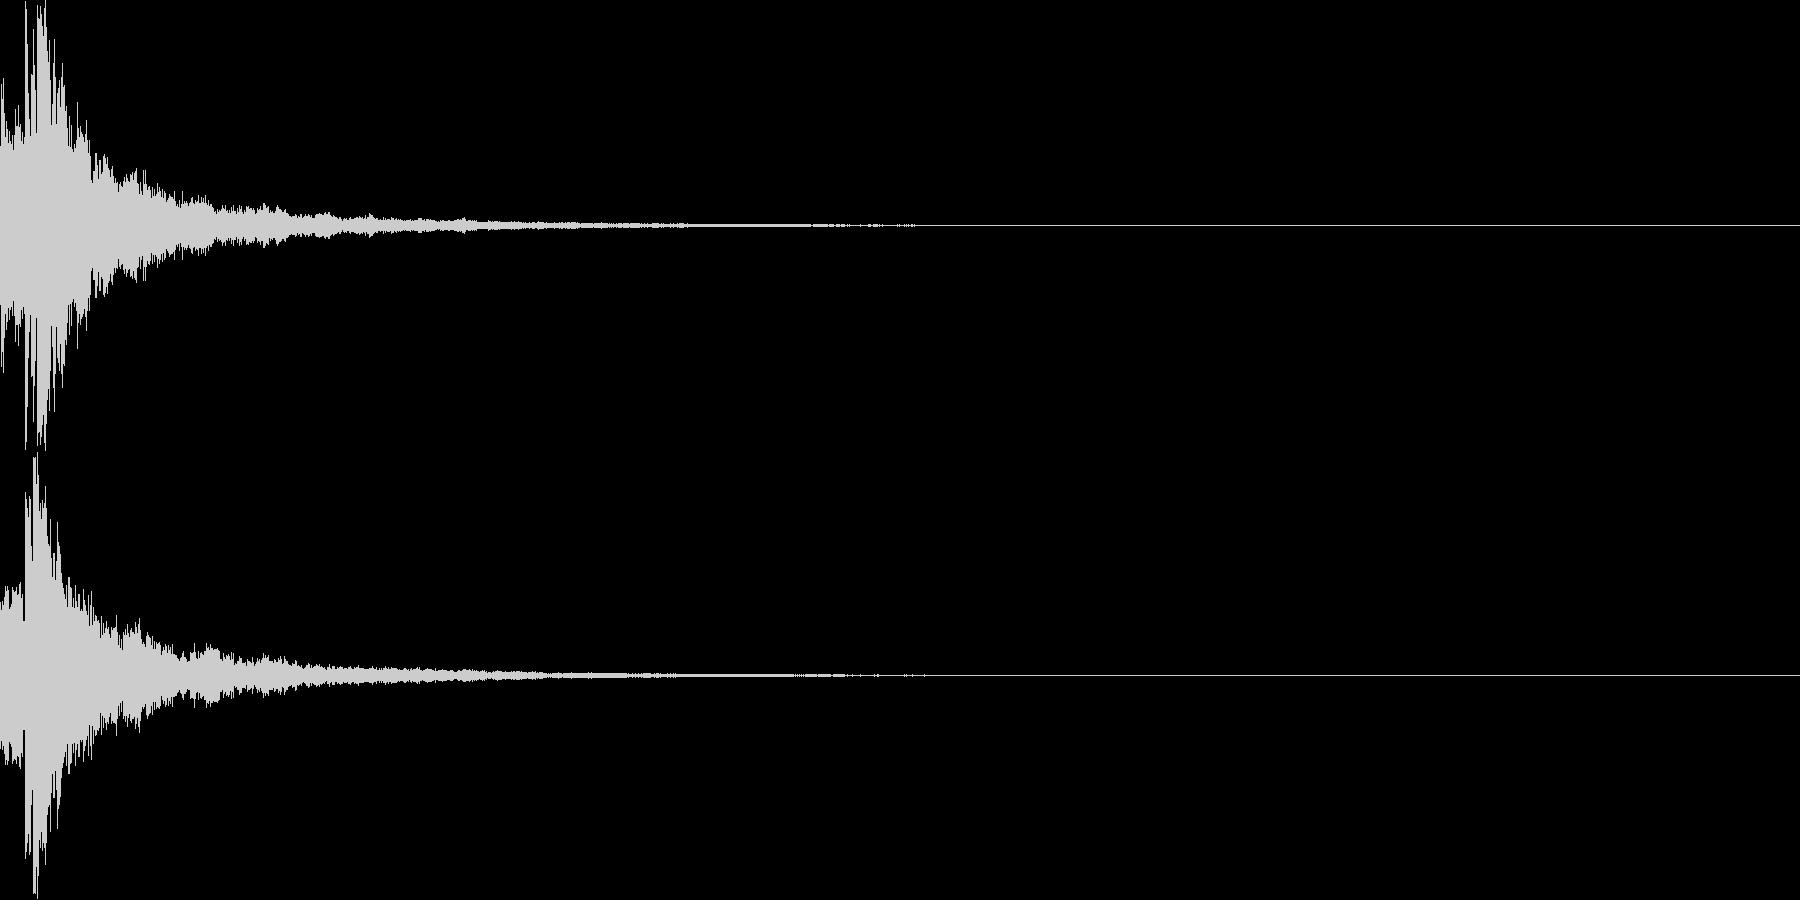 明るいテロップ音 ボタン音 決定音24bの未再生の波形